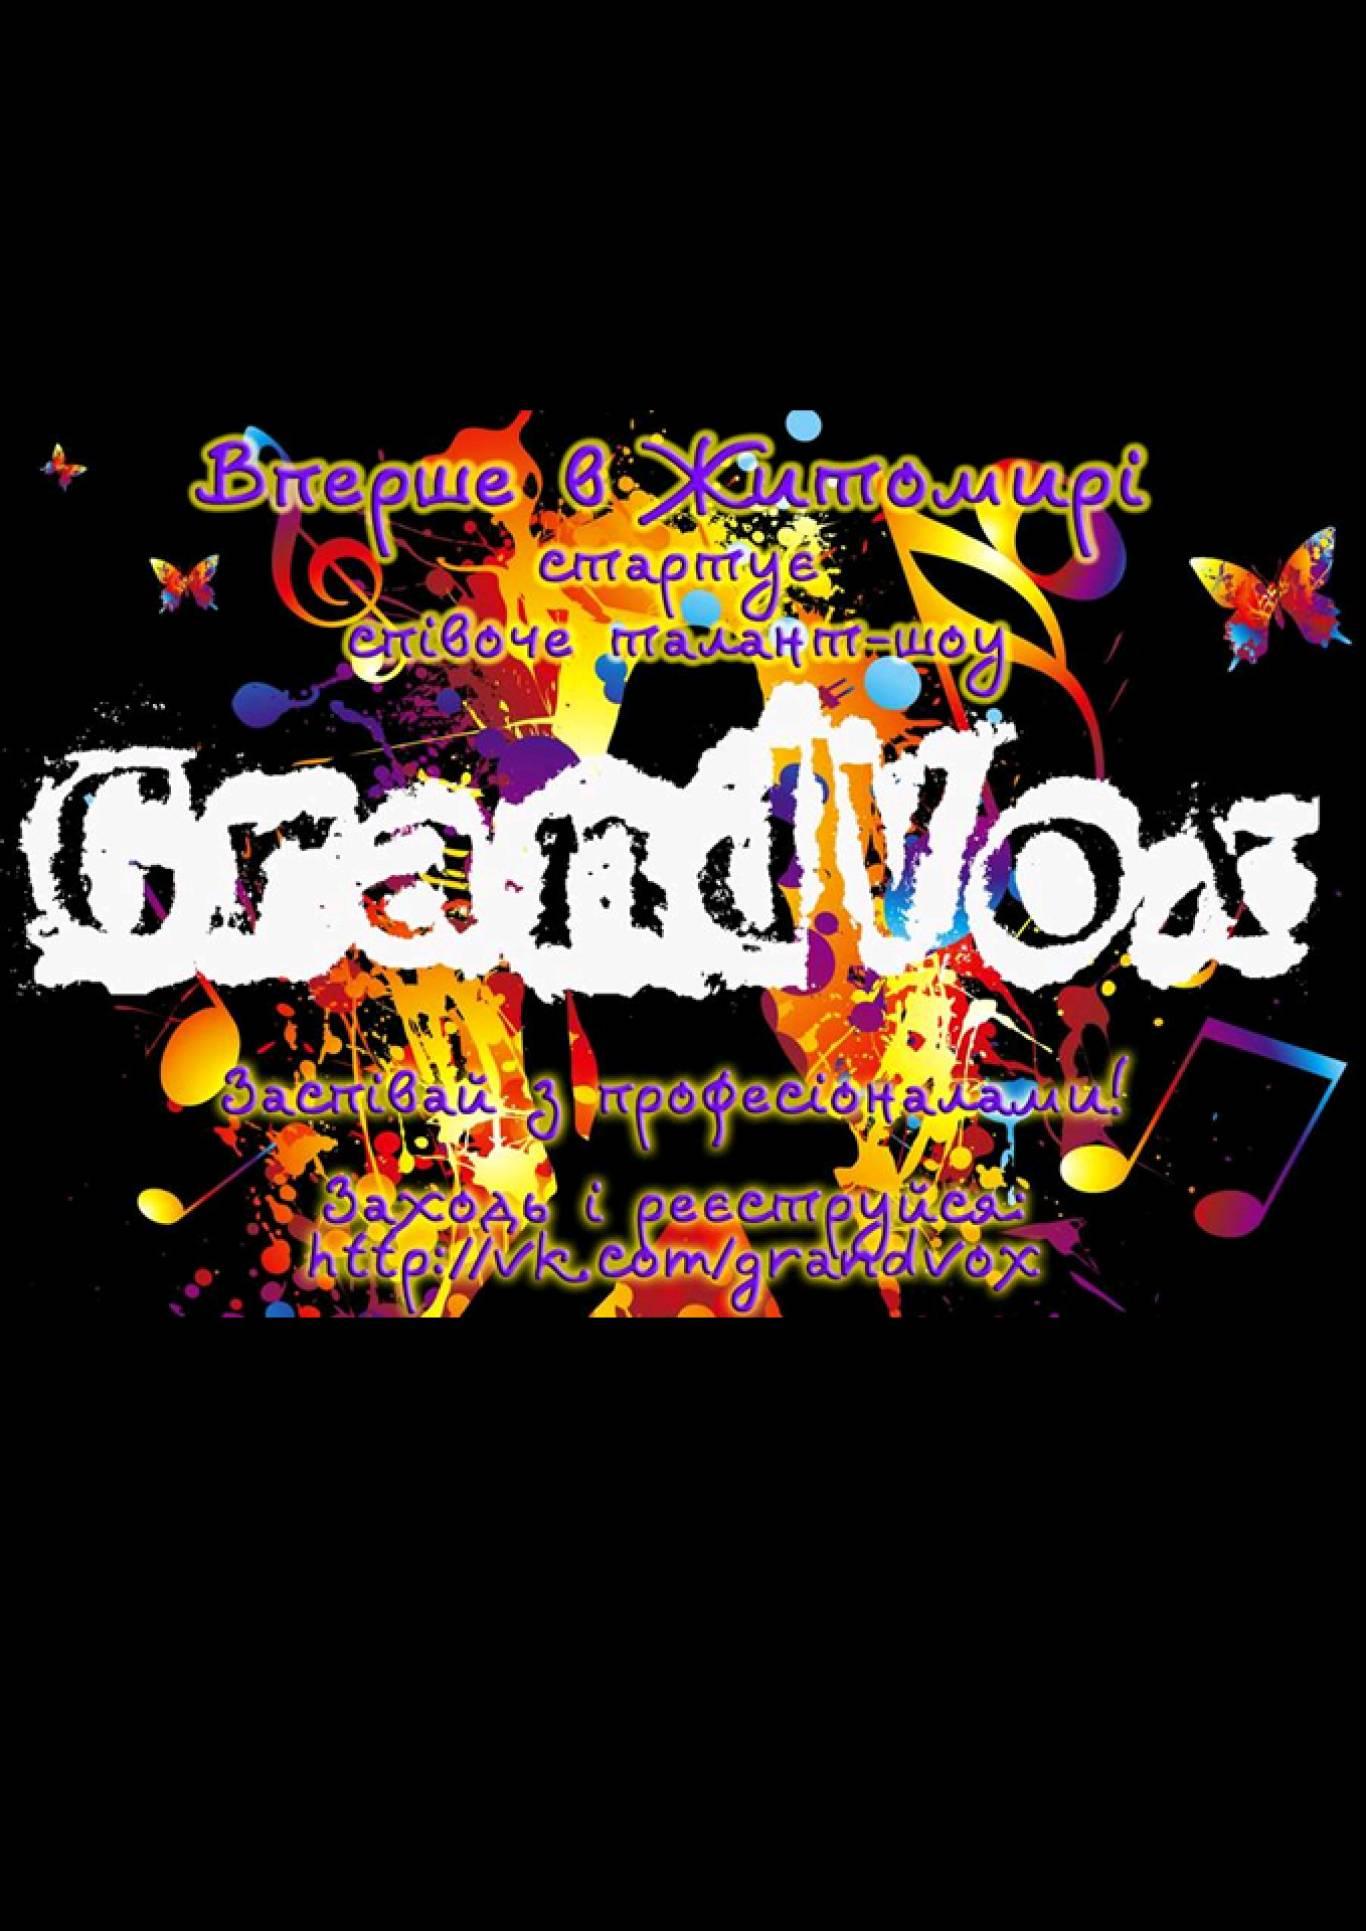 Співоче талант-шоу «GrandVox»